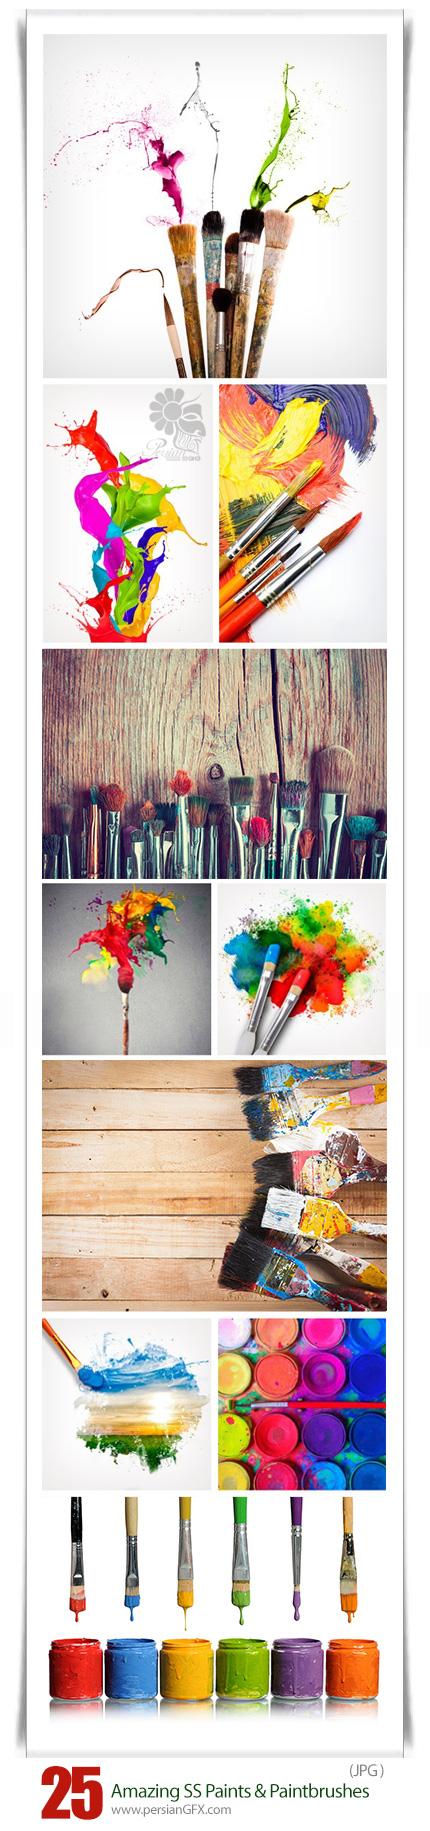 دانلود مجموعه تصاویر با کیفیت رنگ و قلم رنگ نقاشی از شاتراستوک - Amazing ShutterStock Paints And Paintbrushes